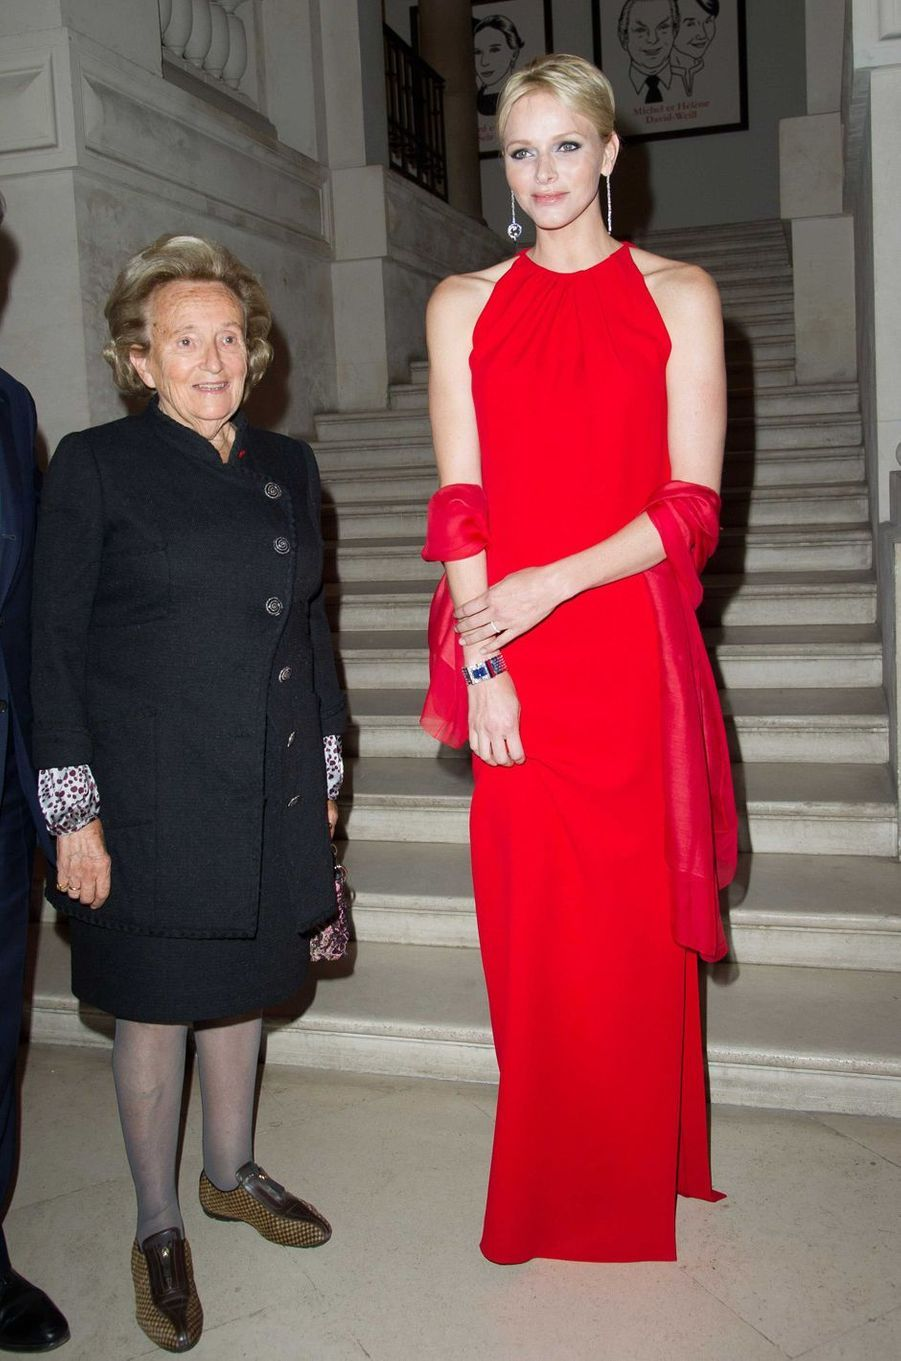 La princesse Charlène de Monaco au lunch de l'expositionVan Cleef & Arpels au musée des Arts décoratifs à Paris, le 18 septembre 2012